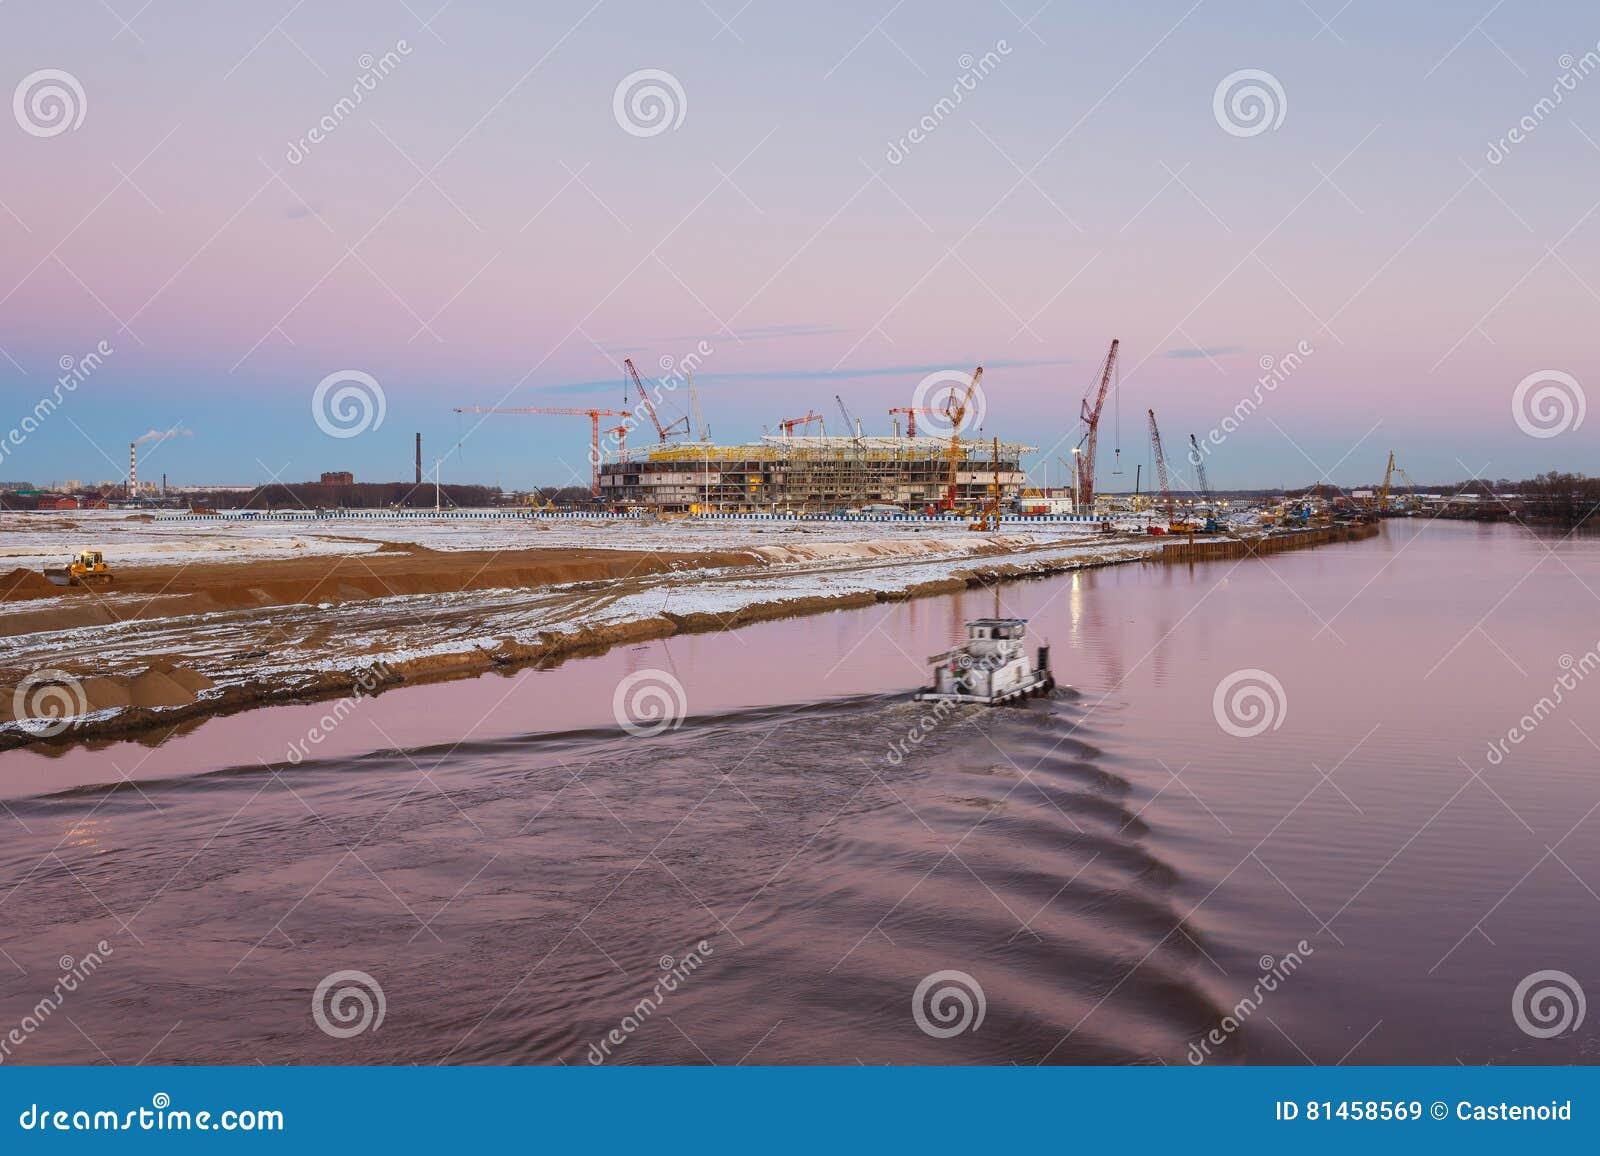 Kaliningrad rencontres qu'est-ce que je dois brancher sous-marins à une radio stock